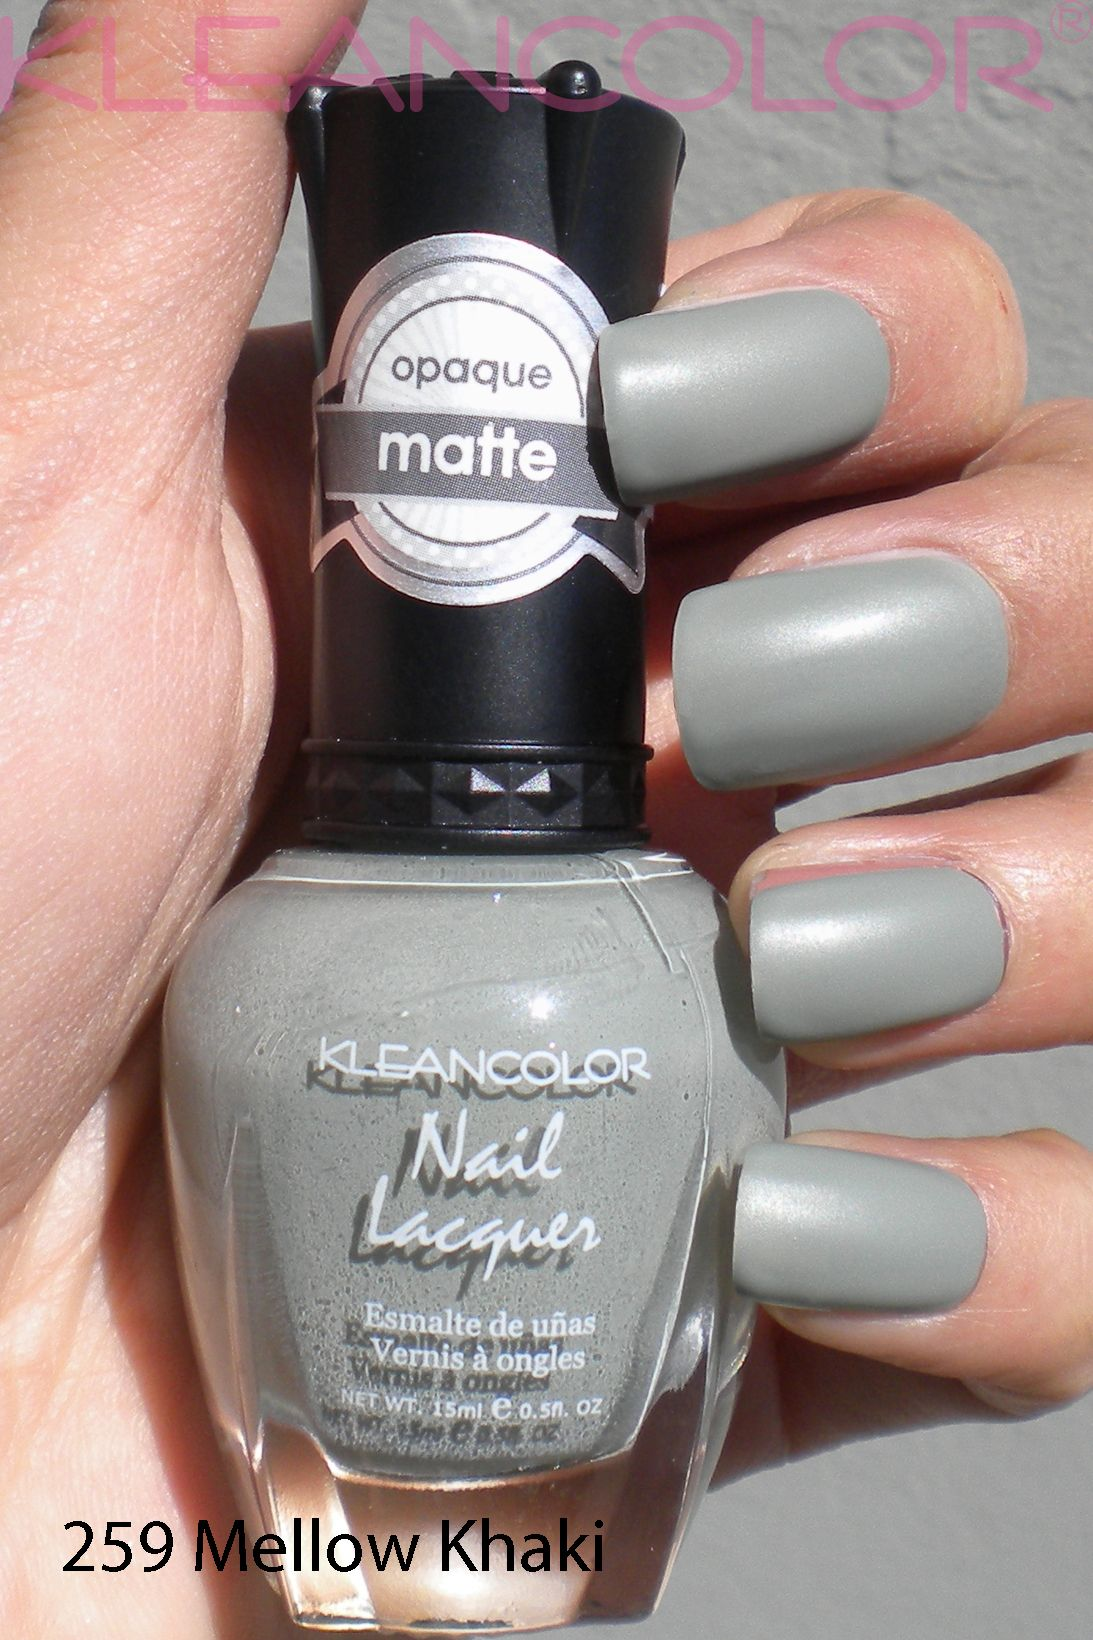 255 Savvy Pink #mattepolish #matte #polish | Matte Nail Lacquer ...